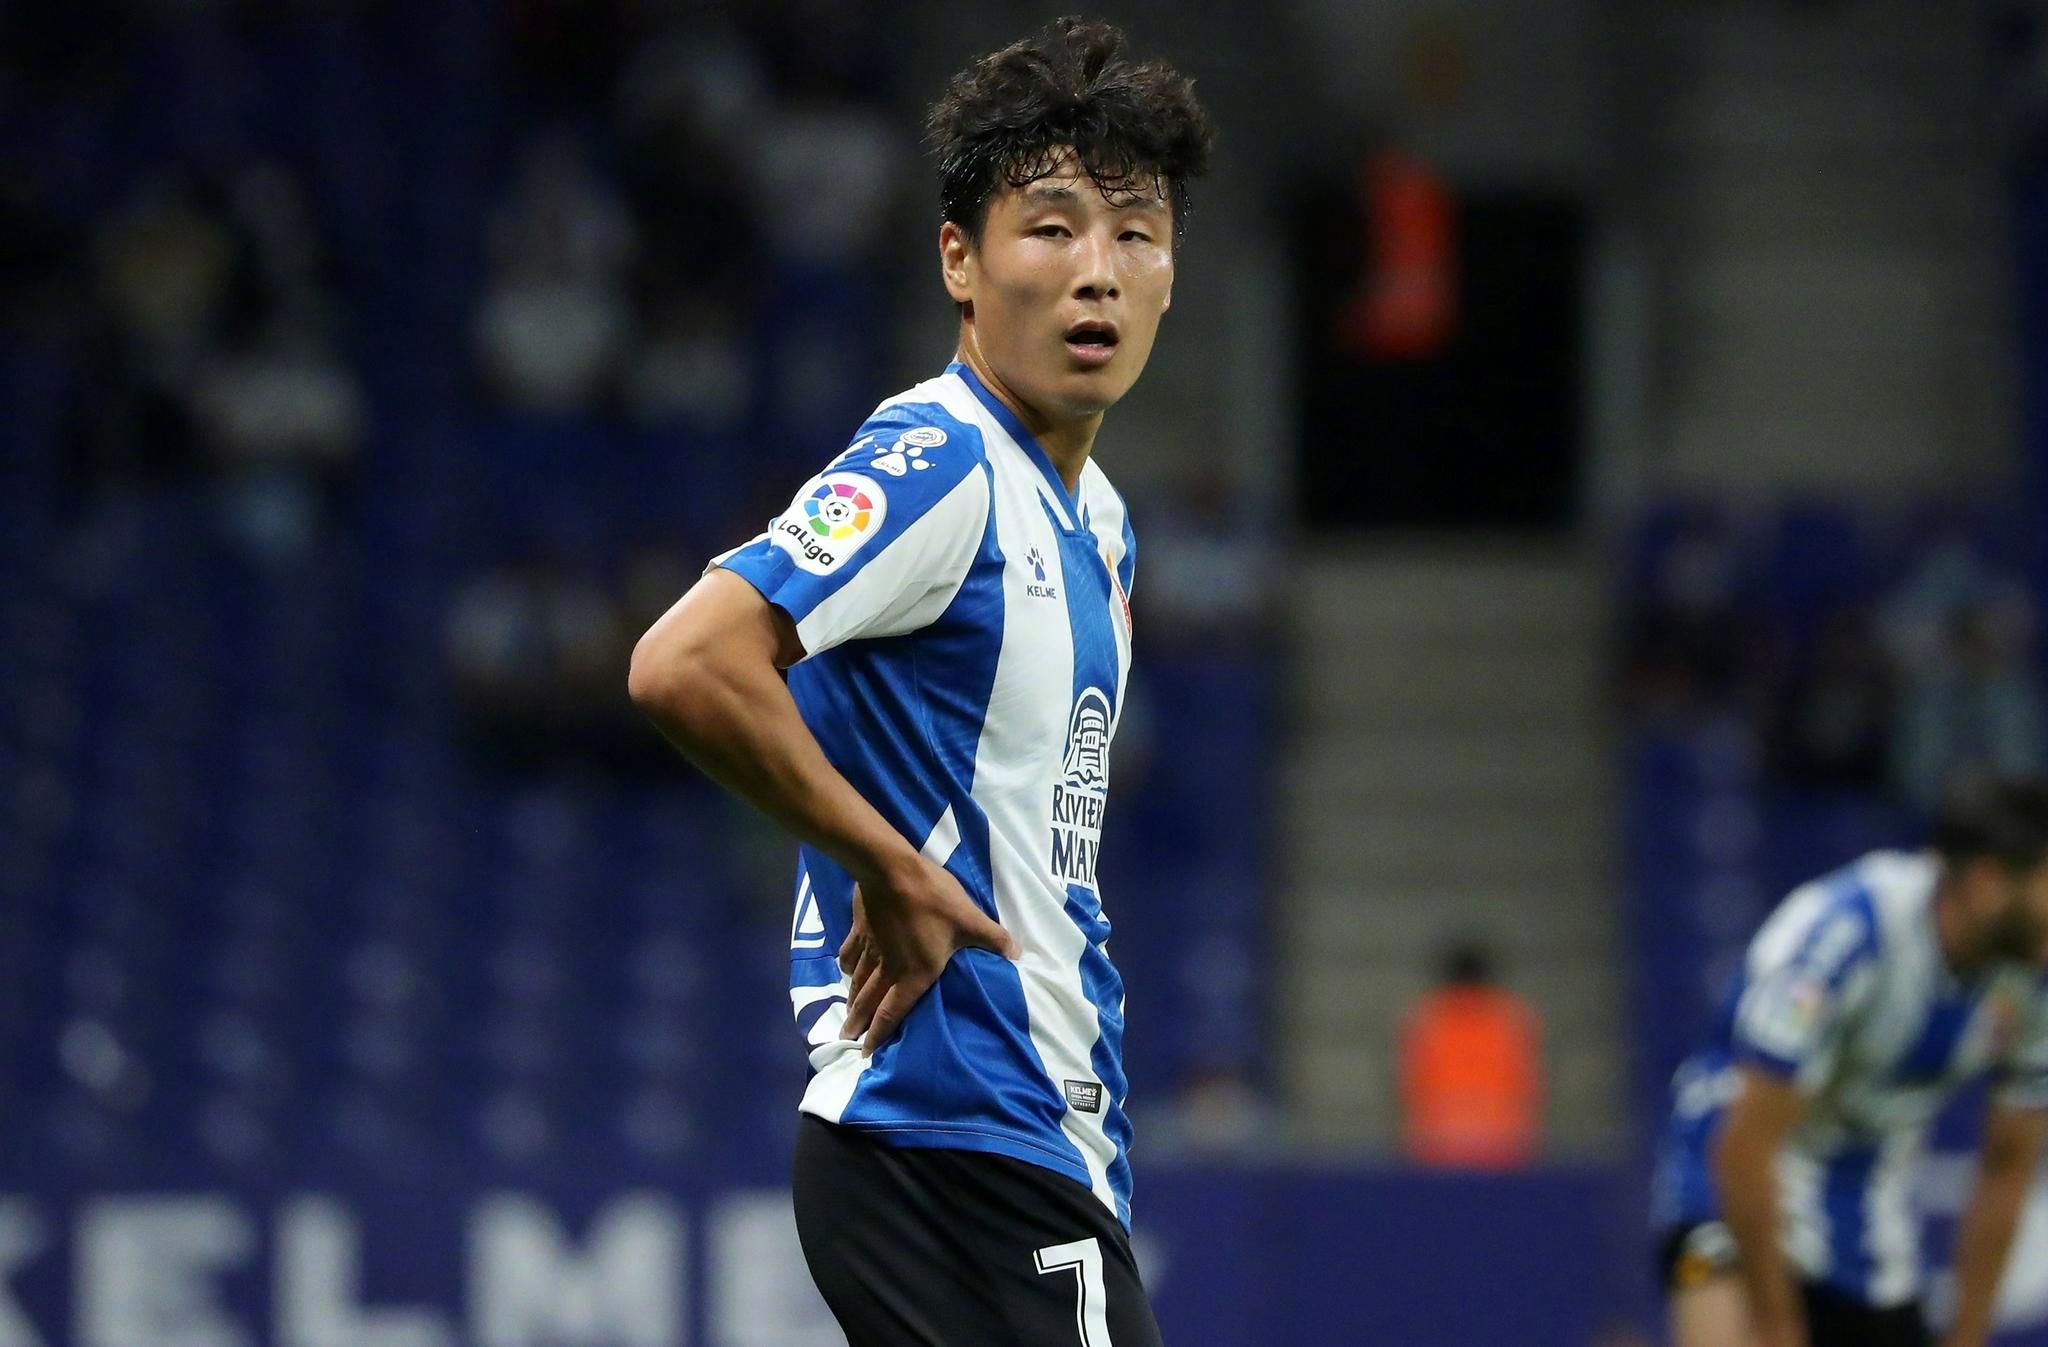 Wu Lei trong trận Espanyol hạ Real Madrid 2-1 hôm 3/10. Ảnh: Sina